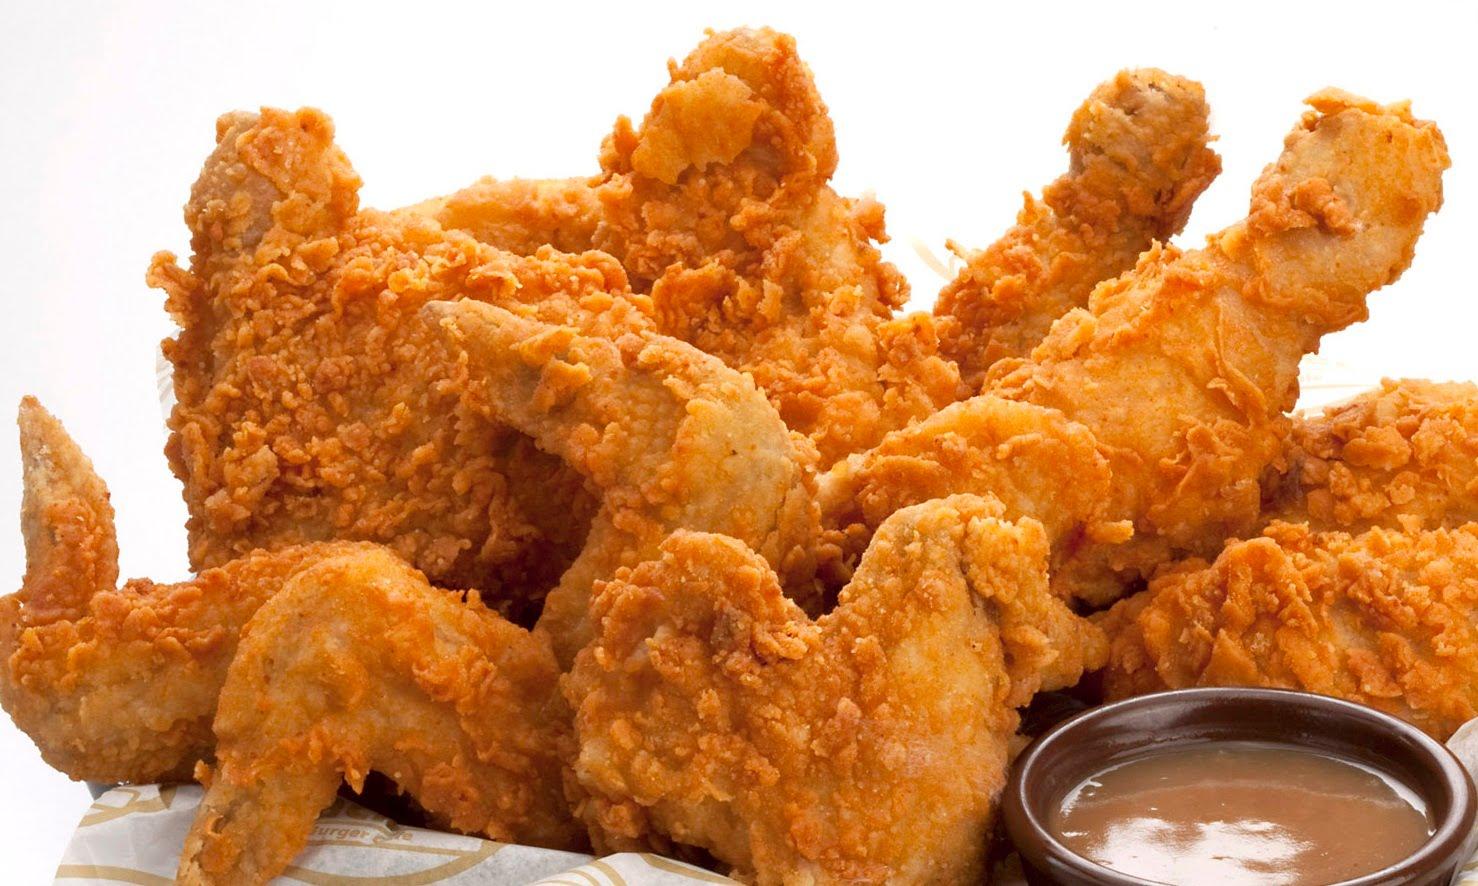 resep ayam kentucky untuk di jual